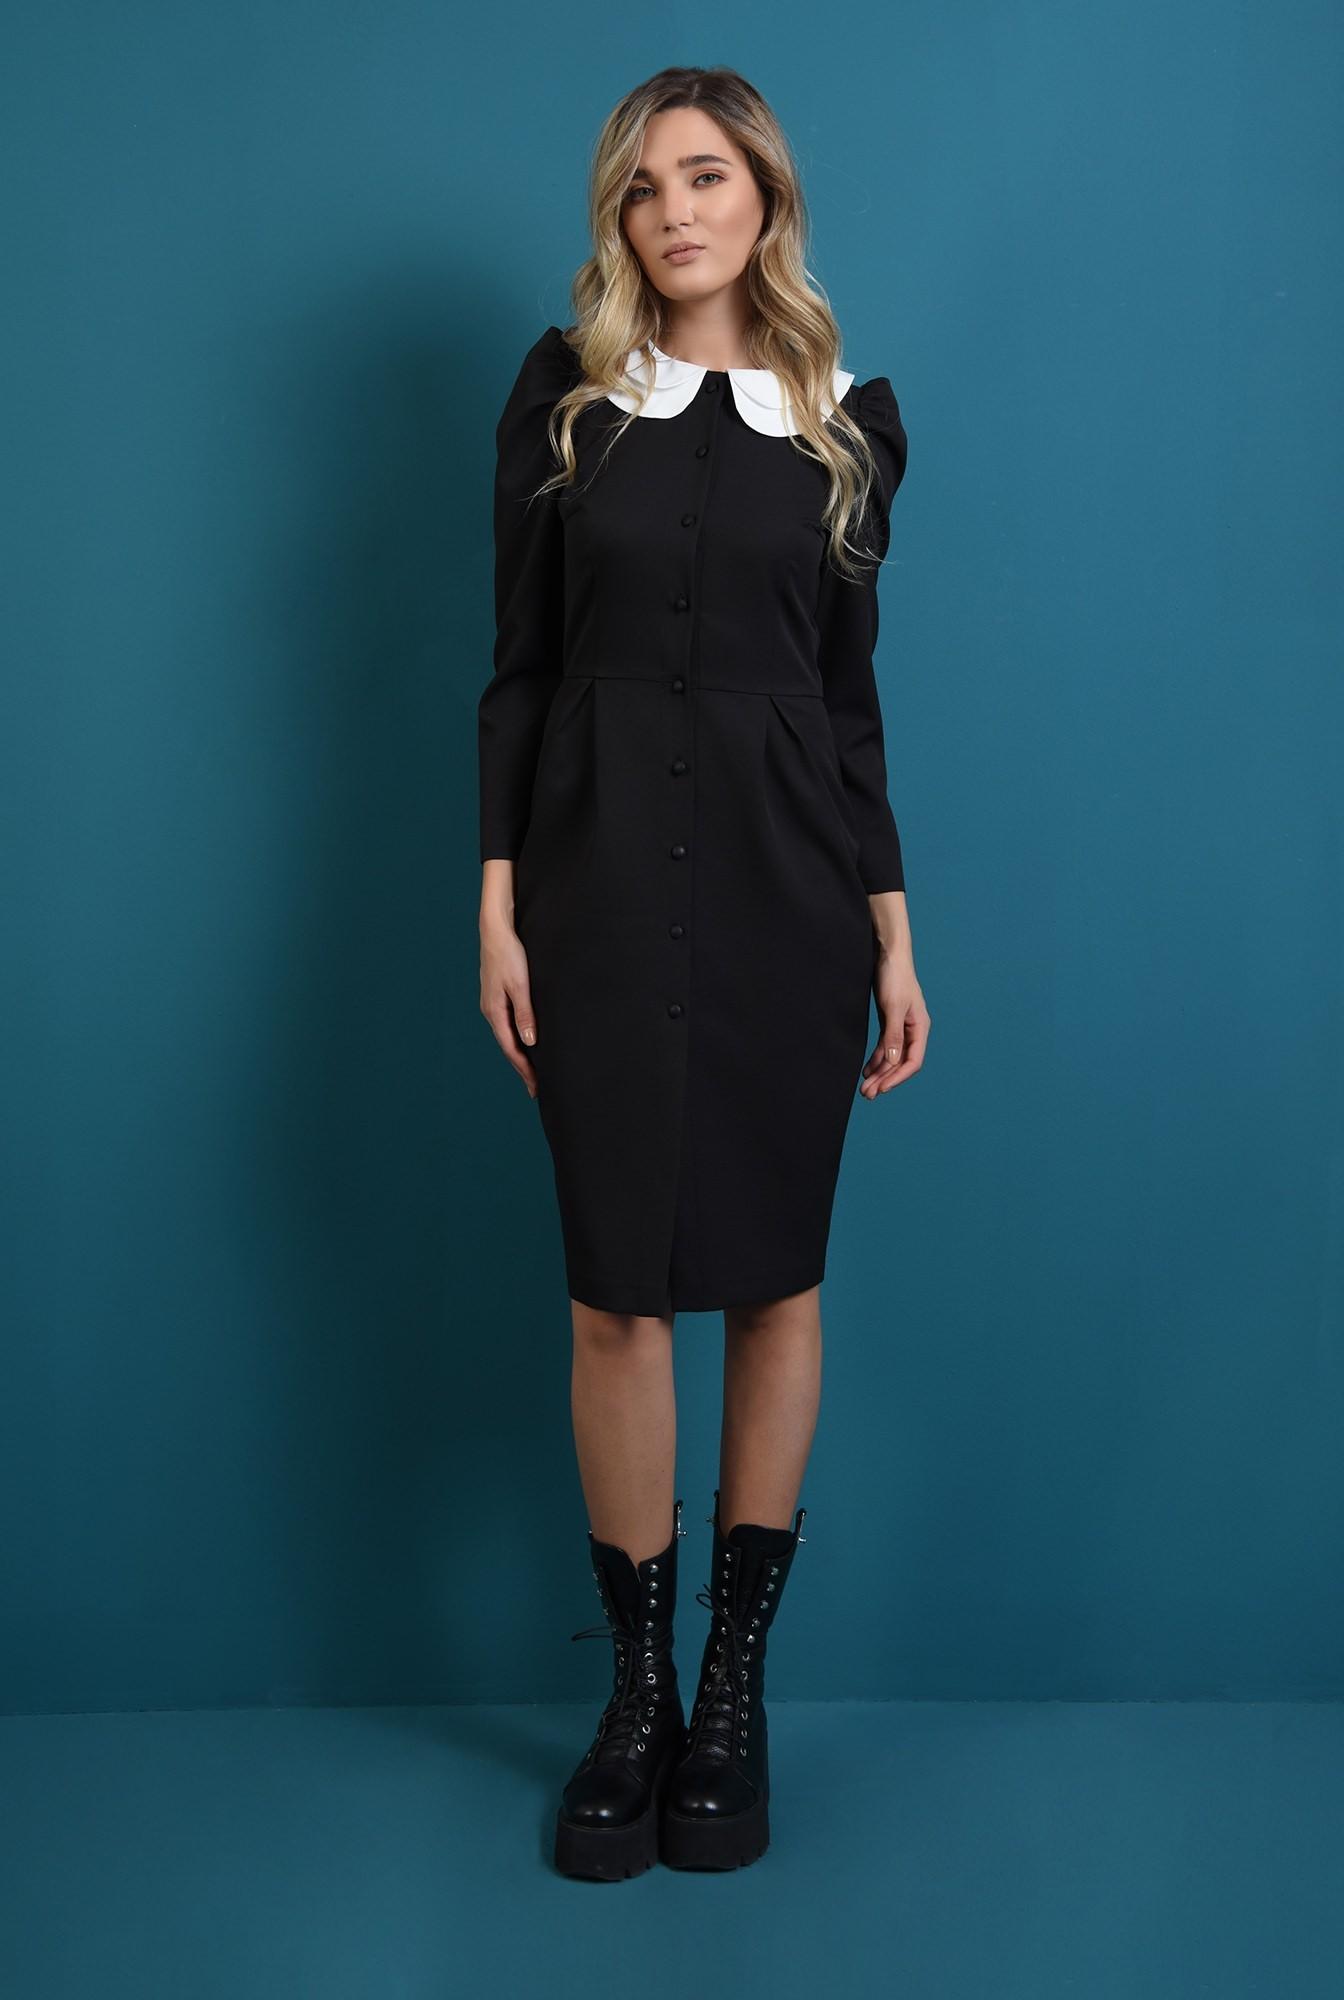 0 - rochie neagra, cu guler detasabil, cu umeri accentuati